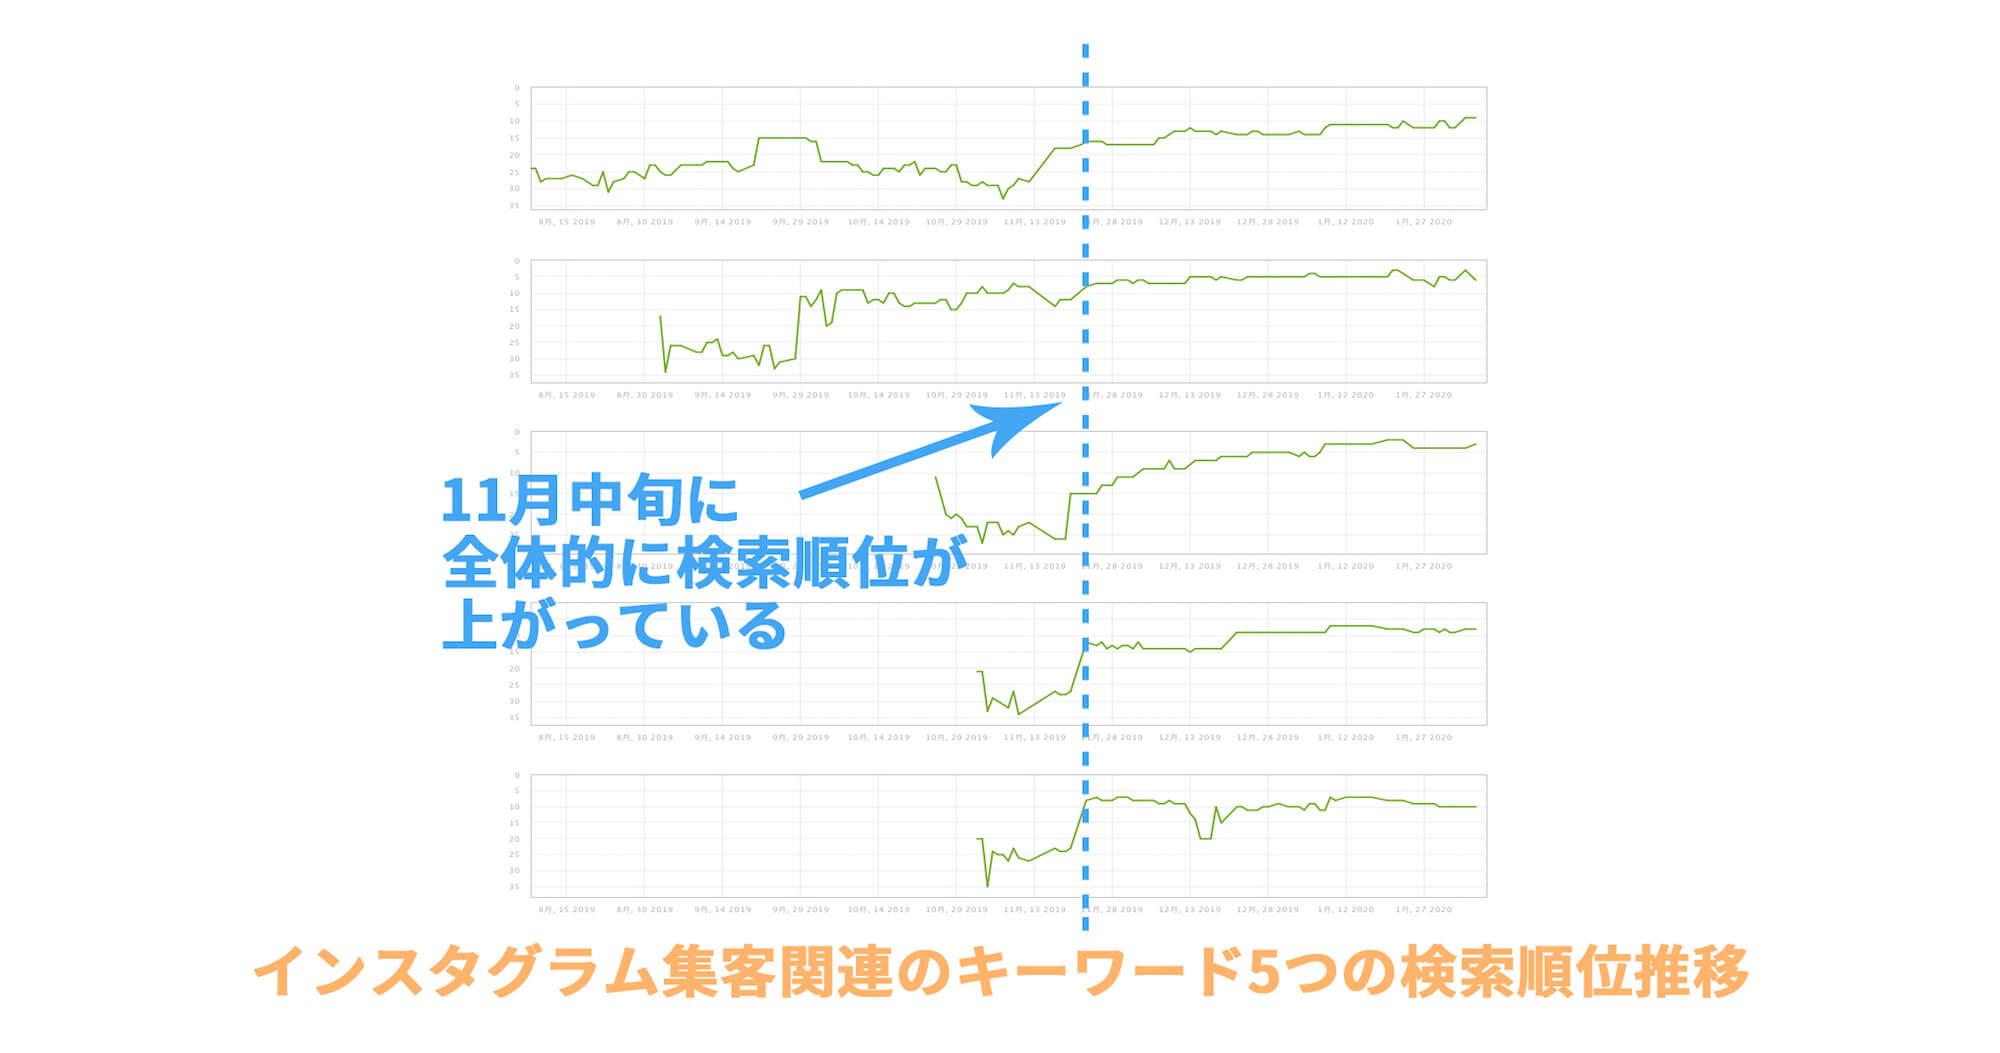 インスタグラム集客カテゴリの各記事の検索順位の推移グラフ